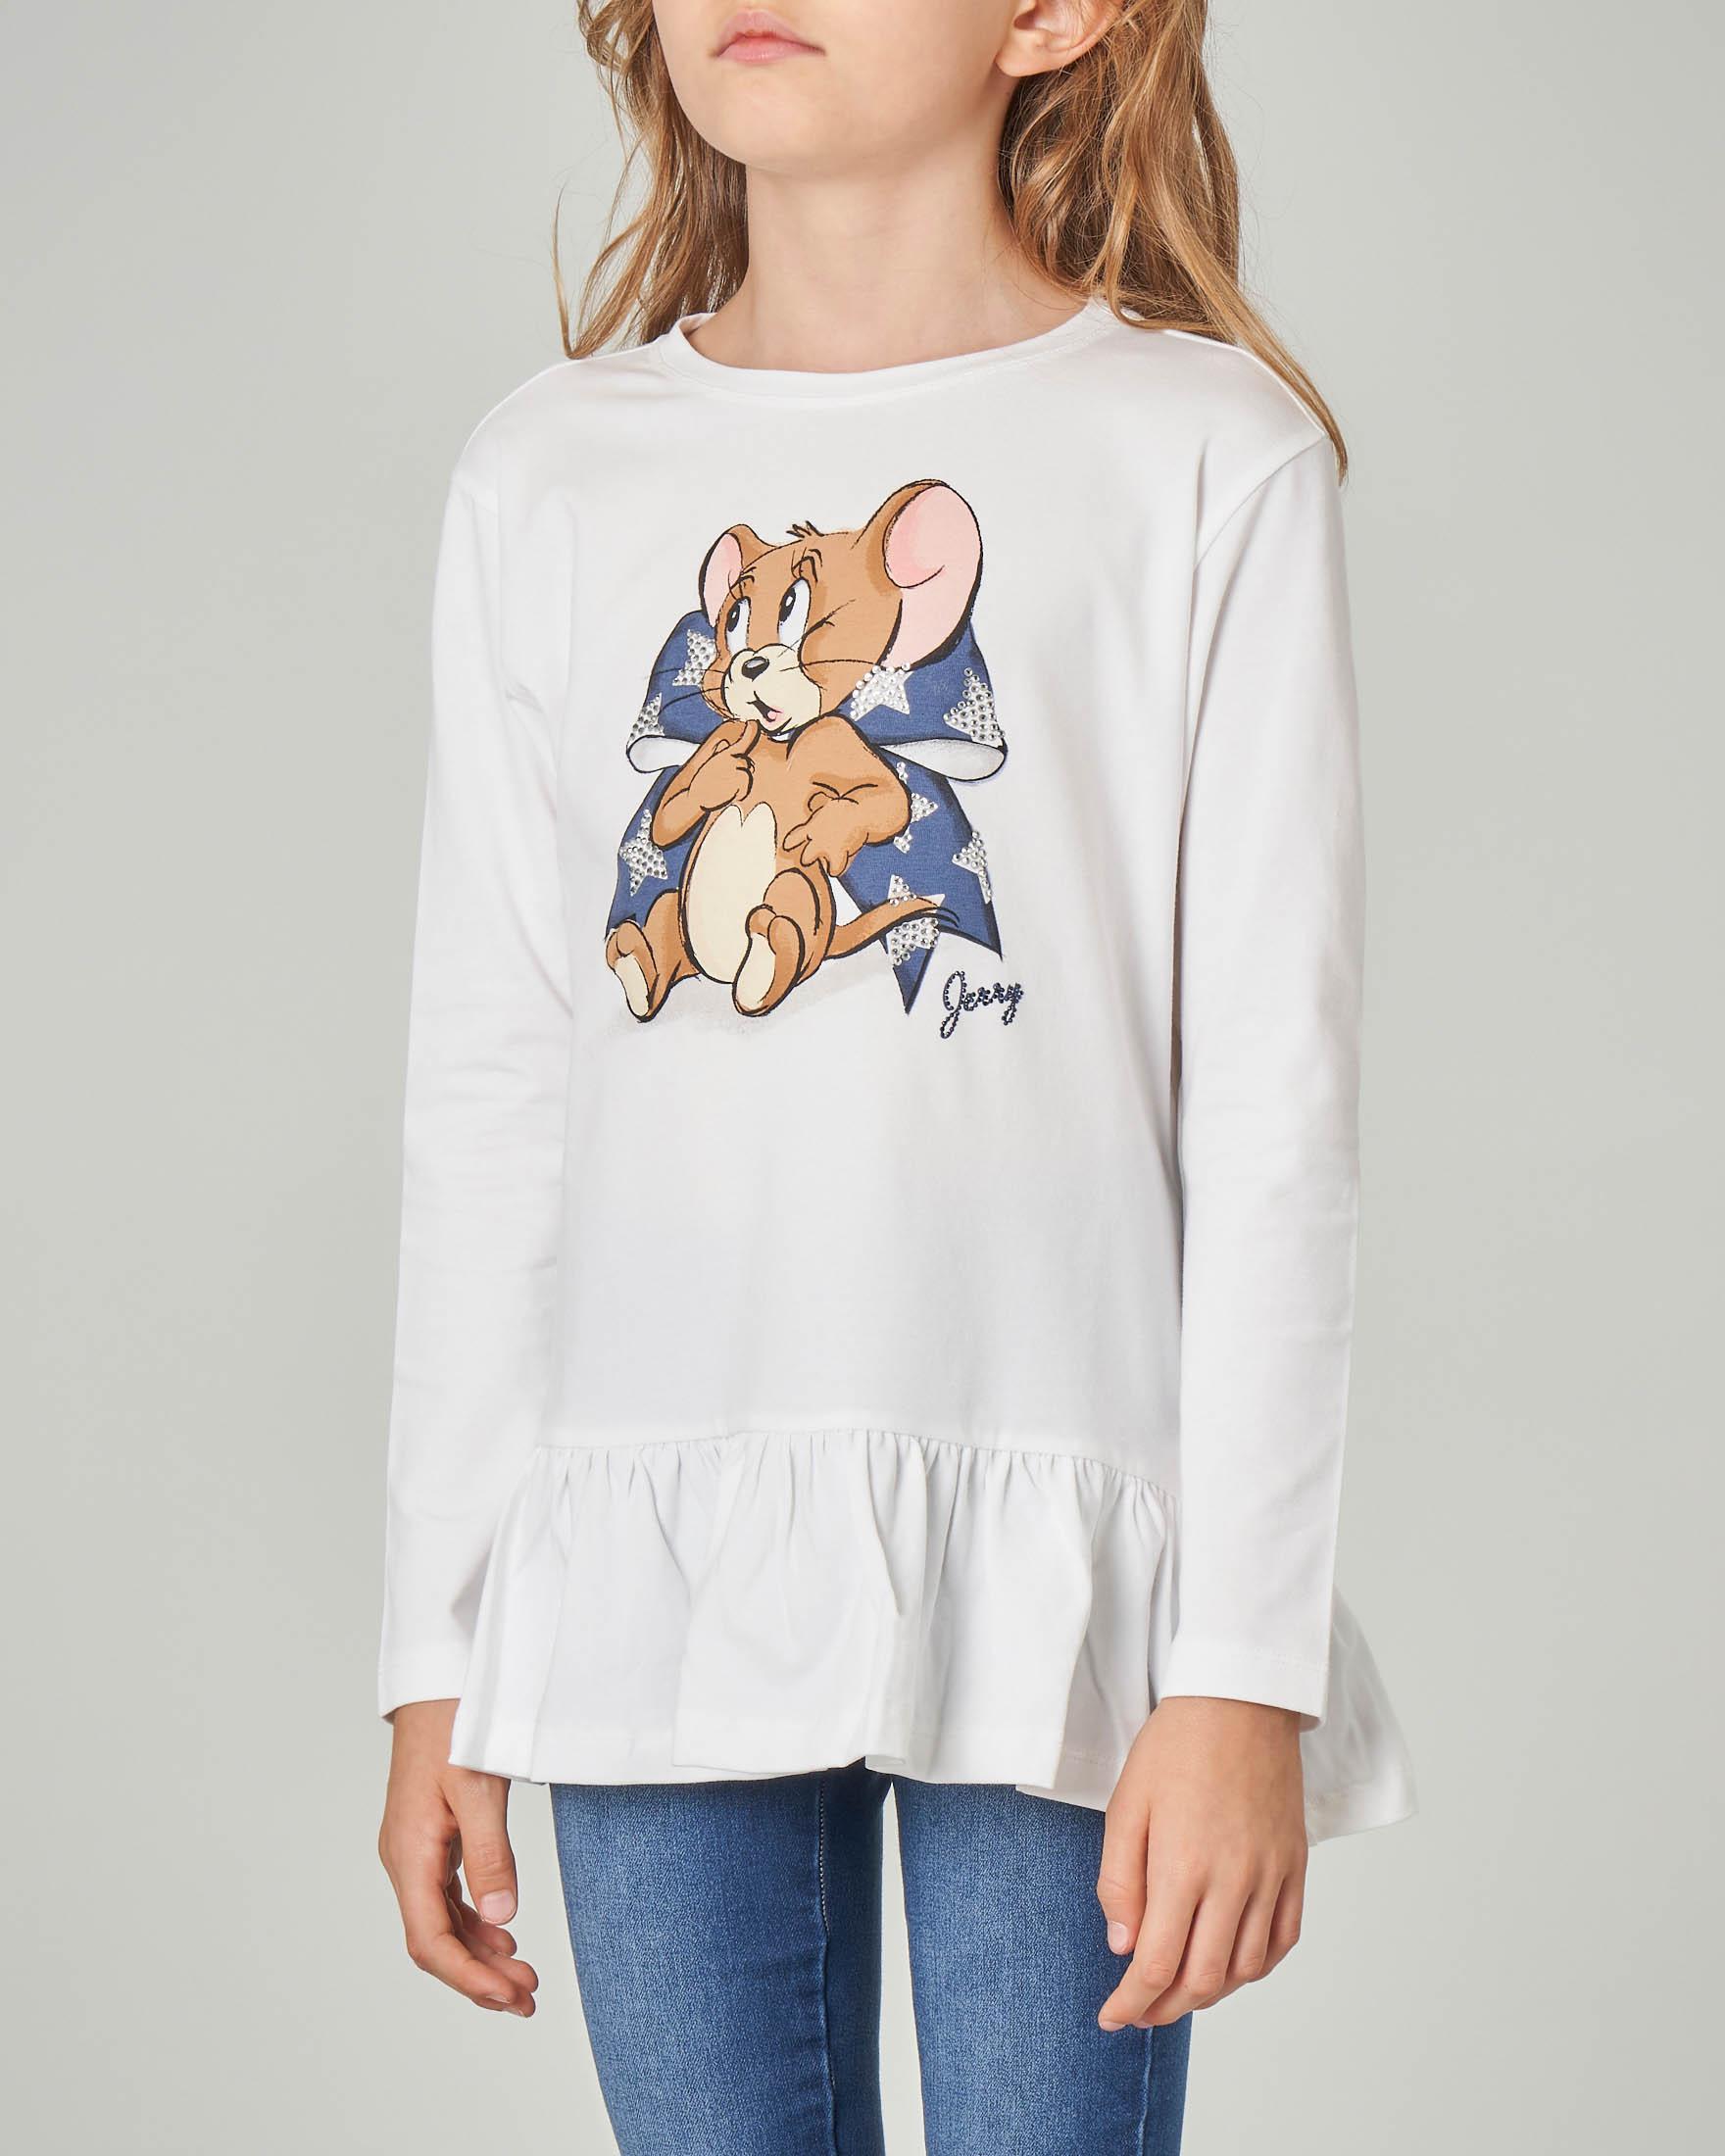 T-shirt bianca manica lunga con stampa Jerry e fiocco blu con strass 4-10 anni